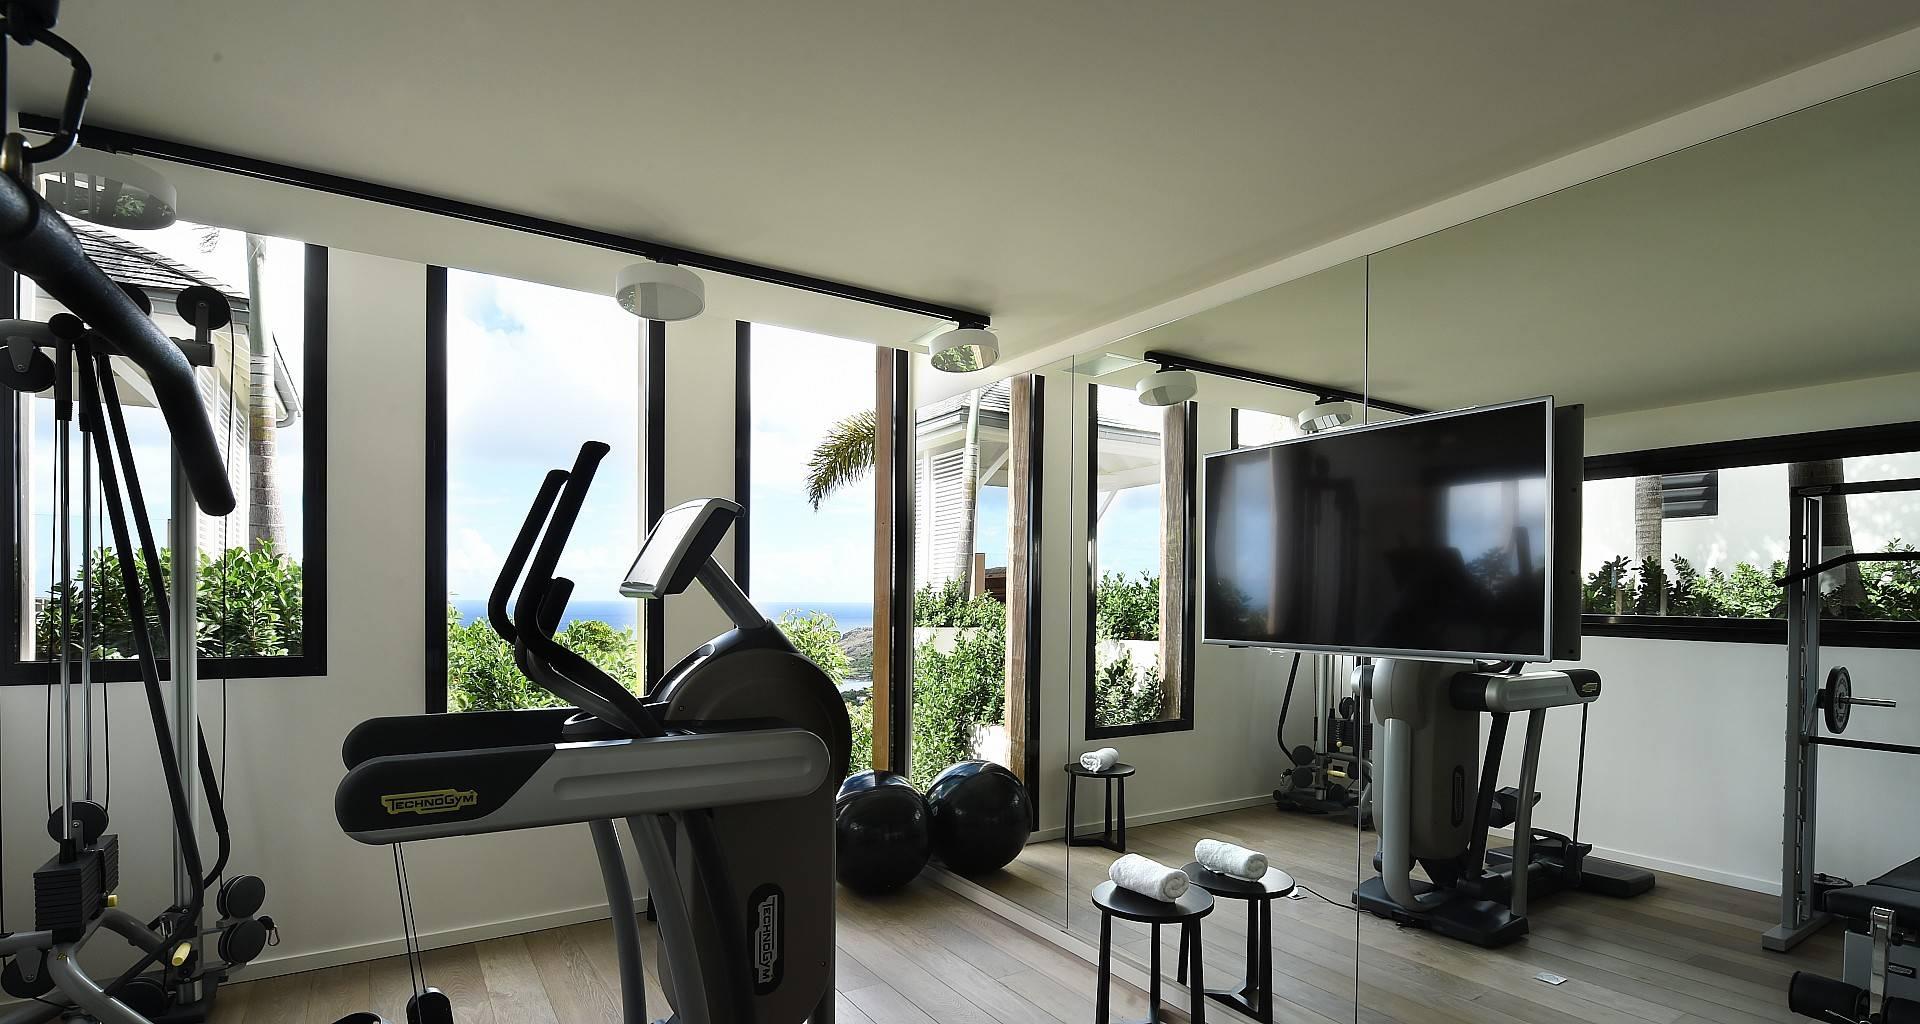 Villa Belle Etoile Fitness Room